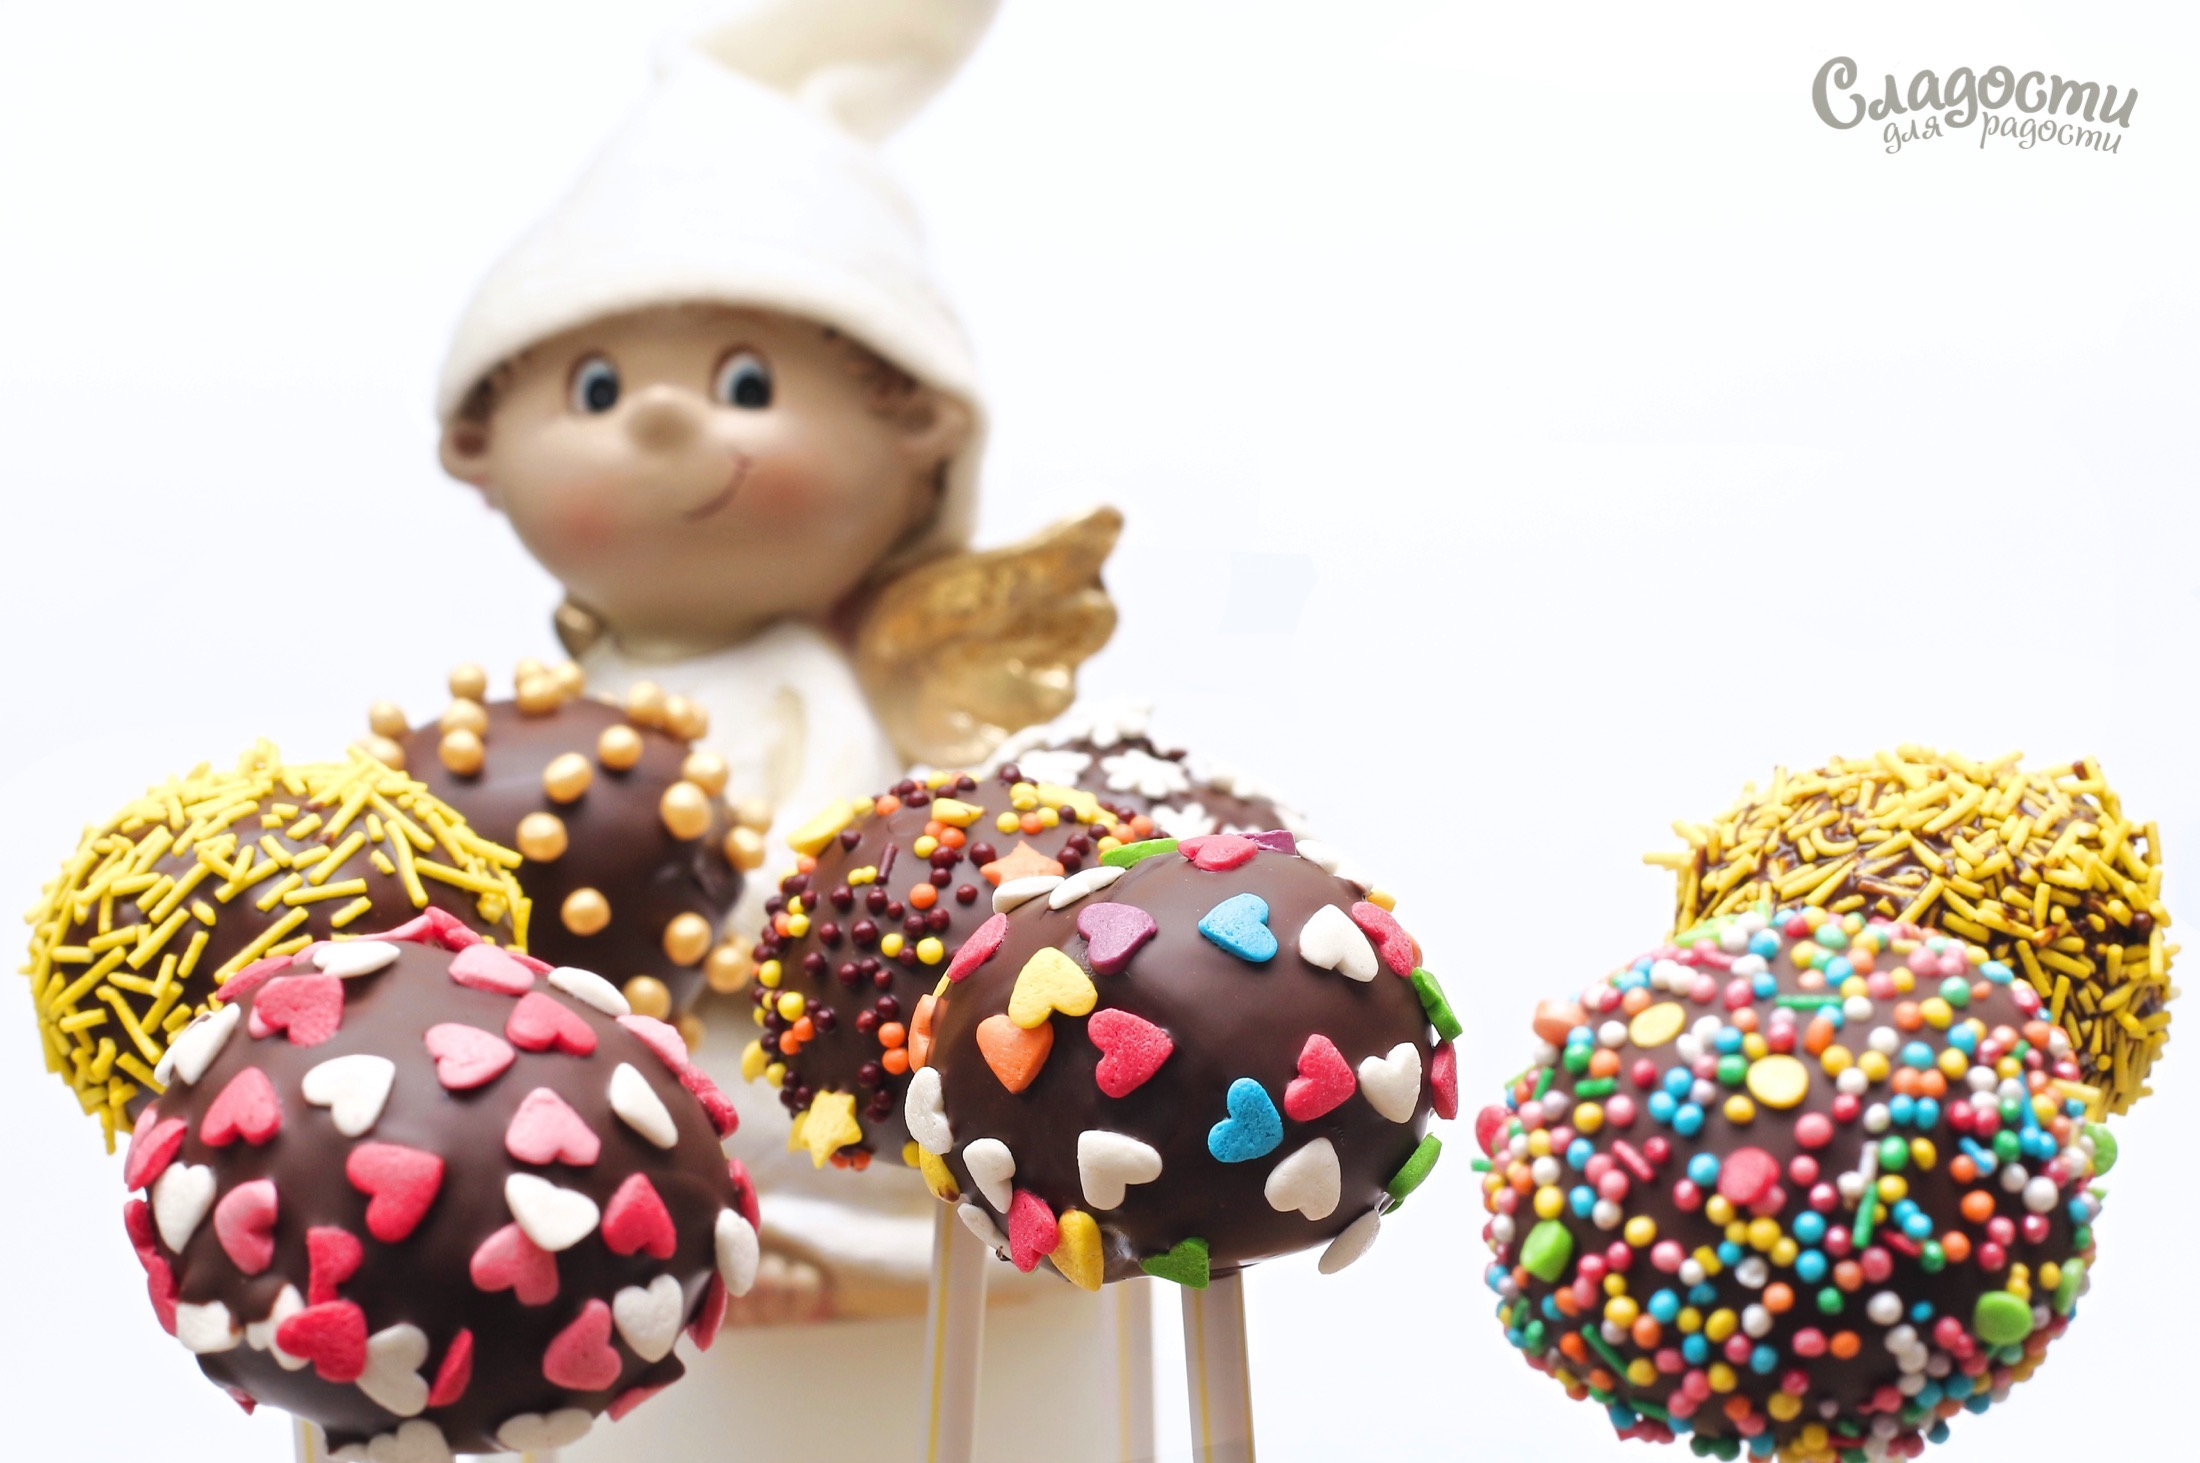 Кейк-попсы в чёрном шоколаде